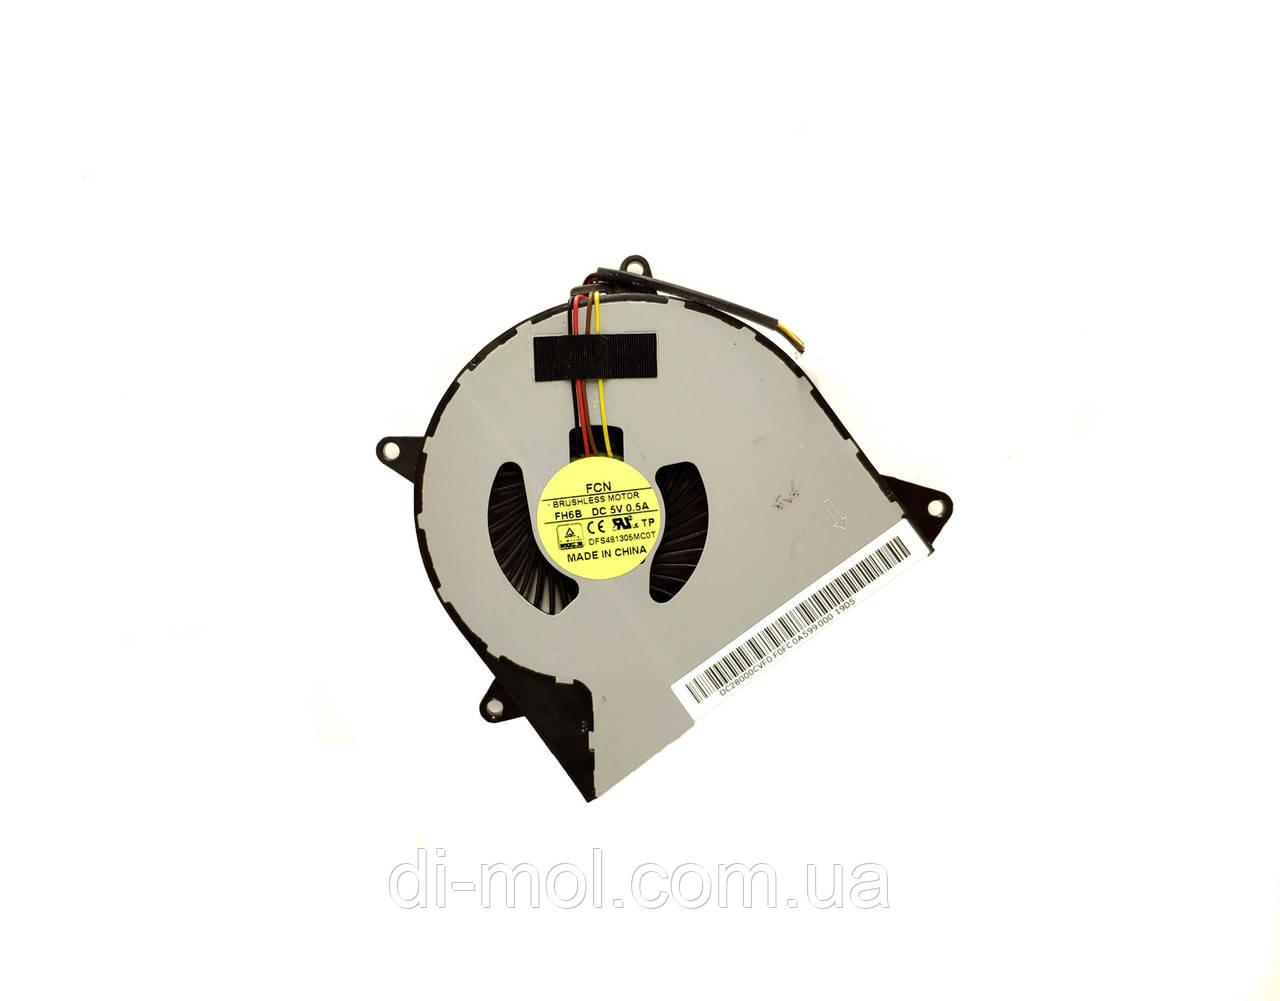 Вентилятор для ноутбука Lenovo Ideapad 100-14IBD, 100-15IBD, 110-14AST, 110-15ACL series, 4-pin